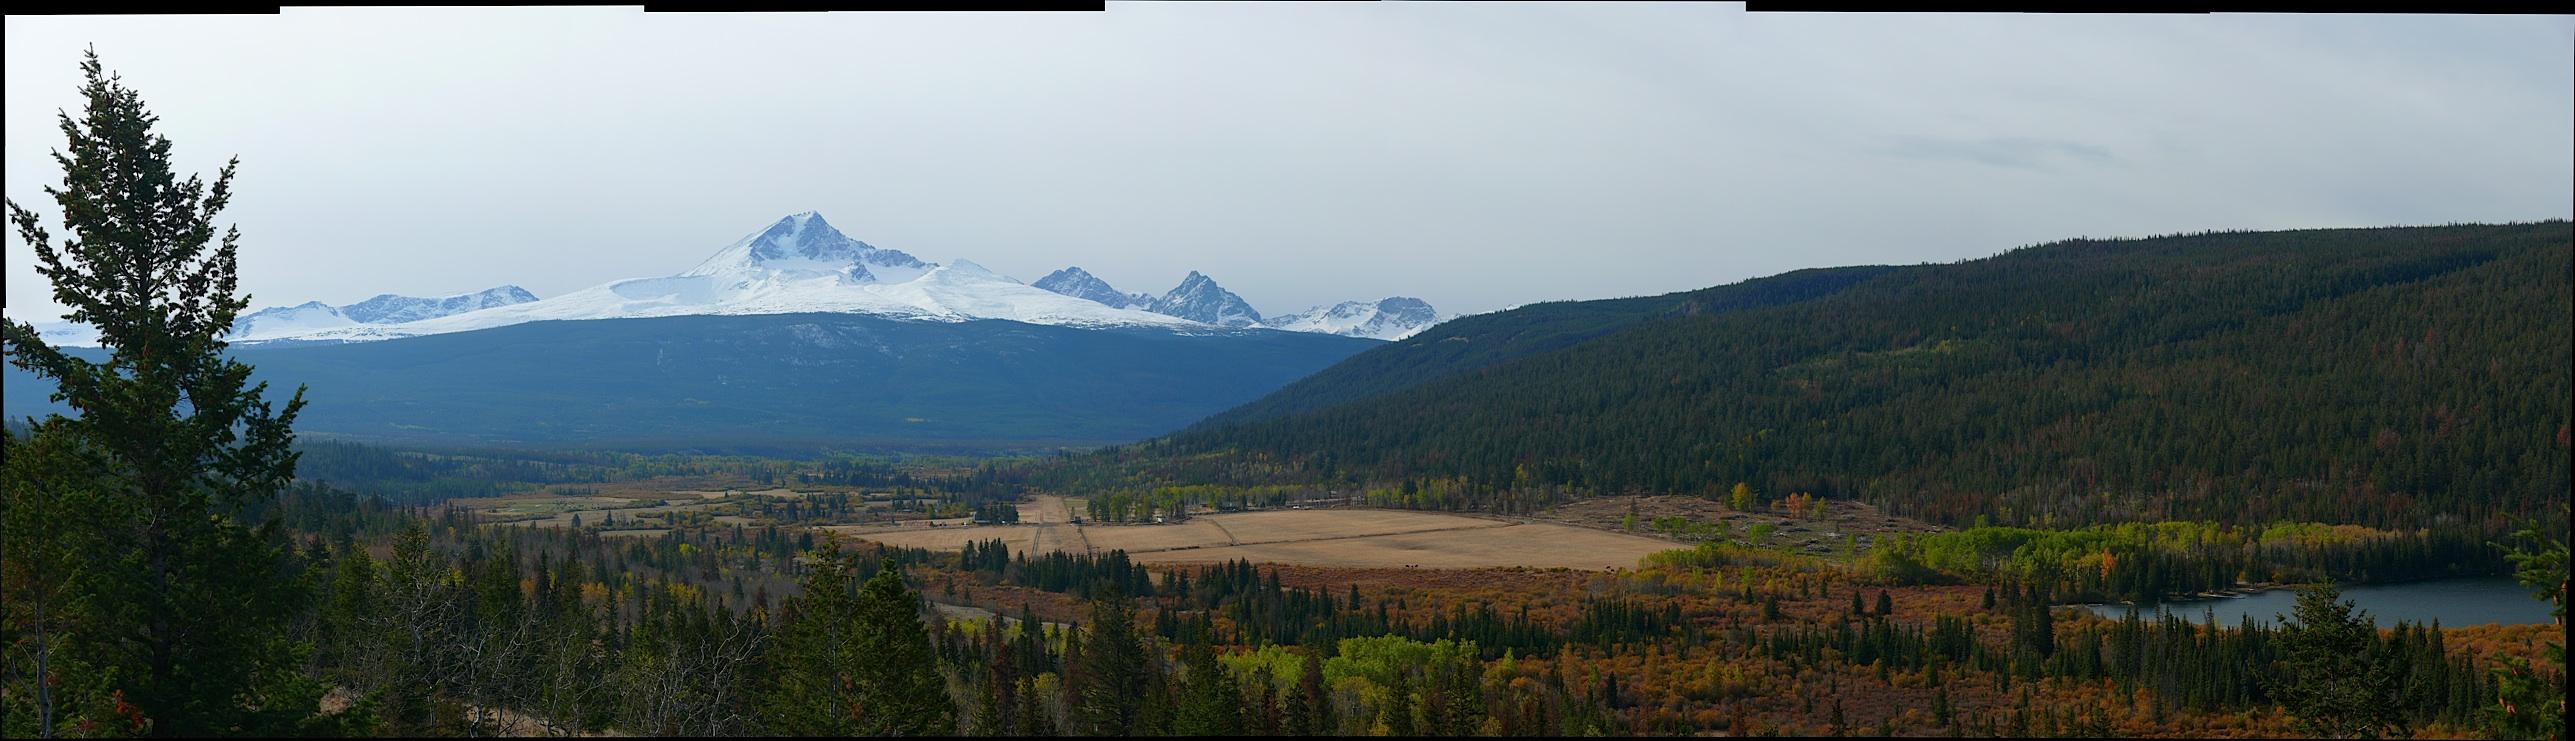 Elkin Creek Ranch Mount Tatlow 10.jpg